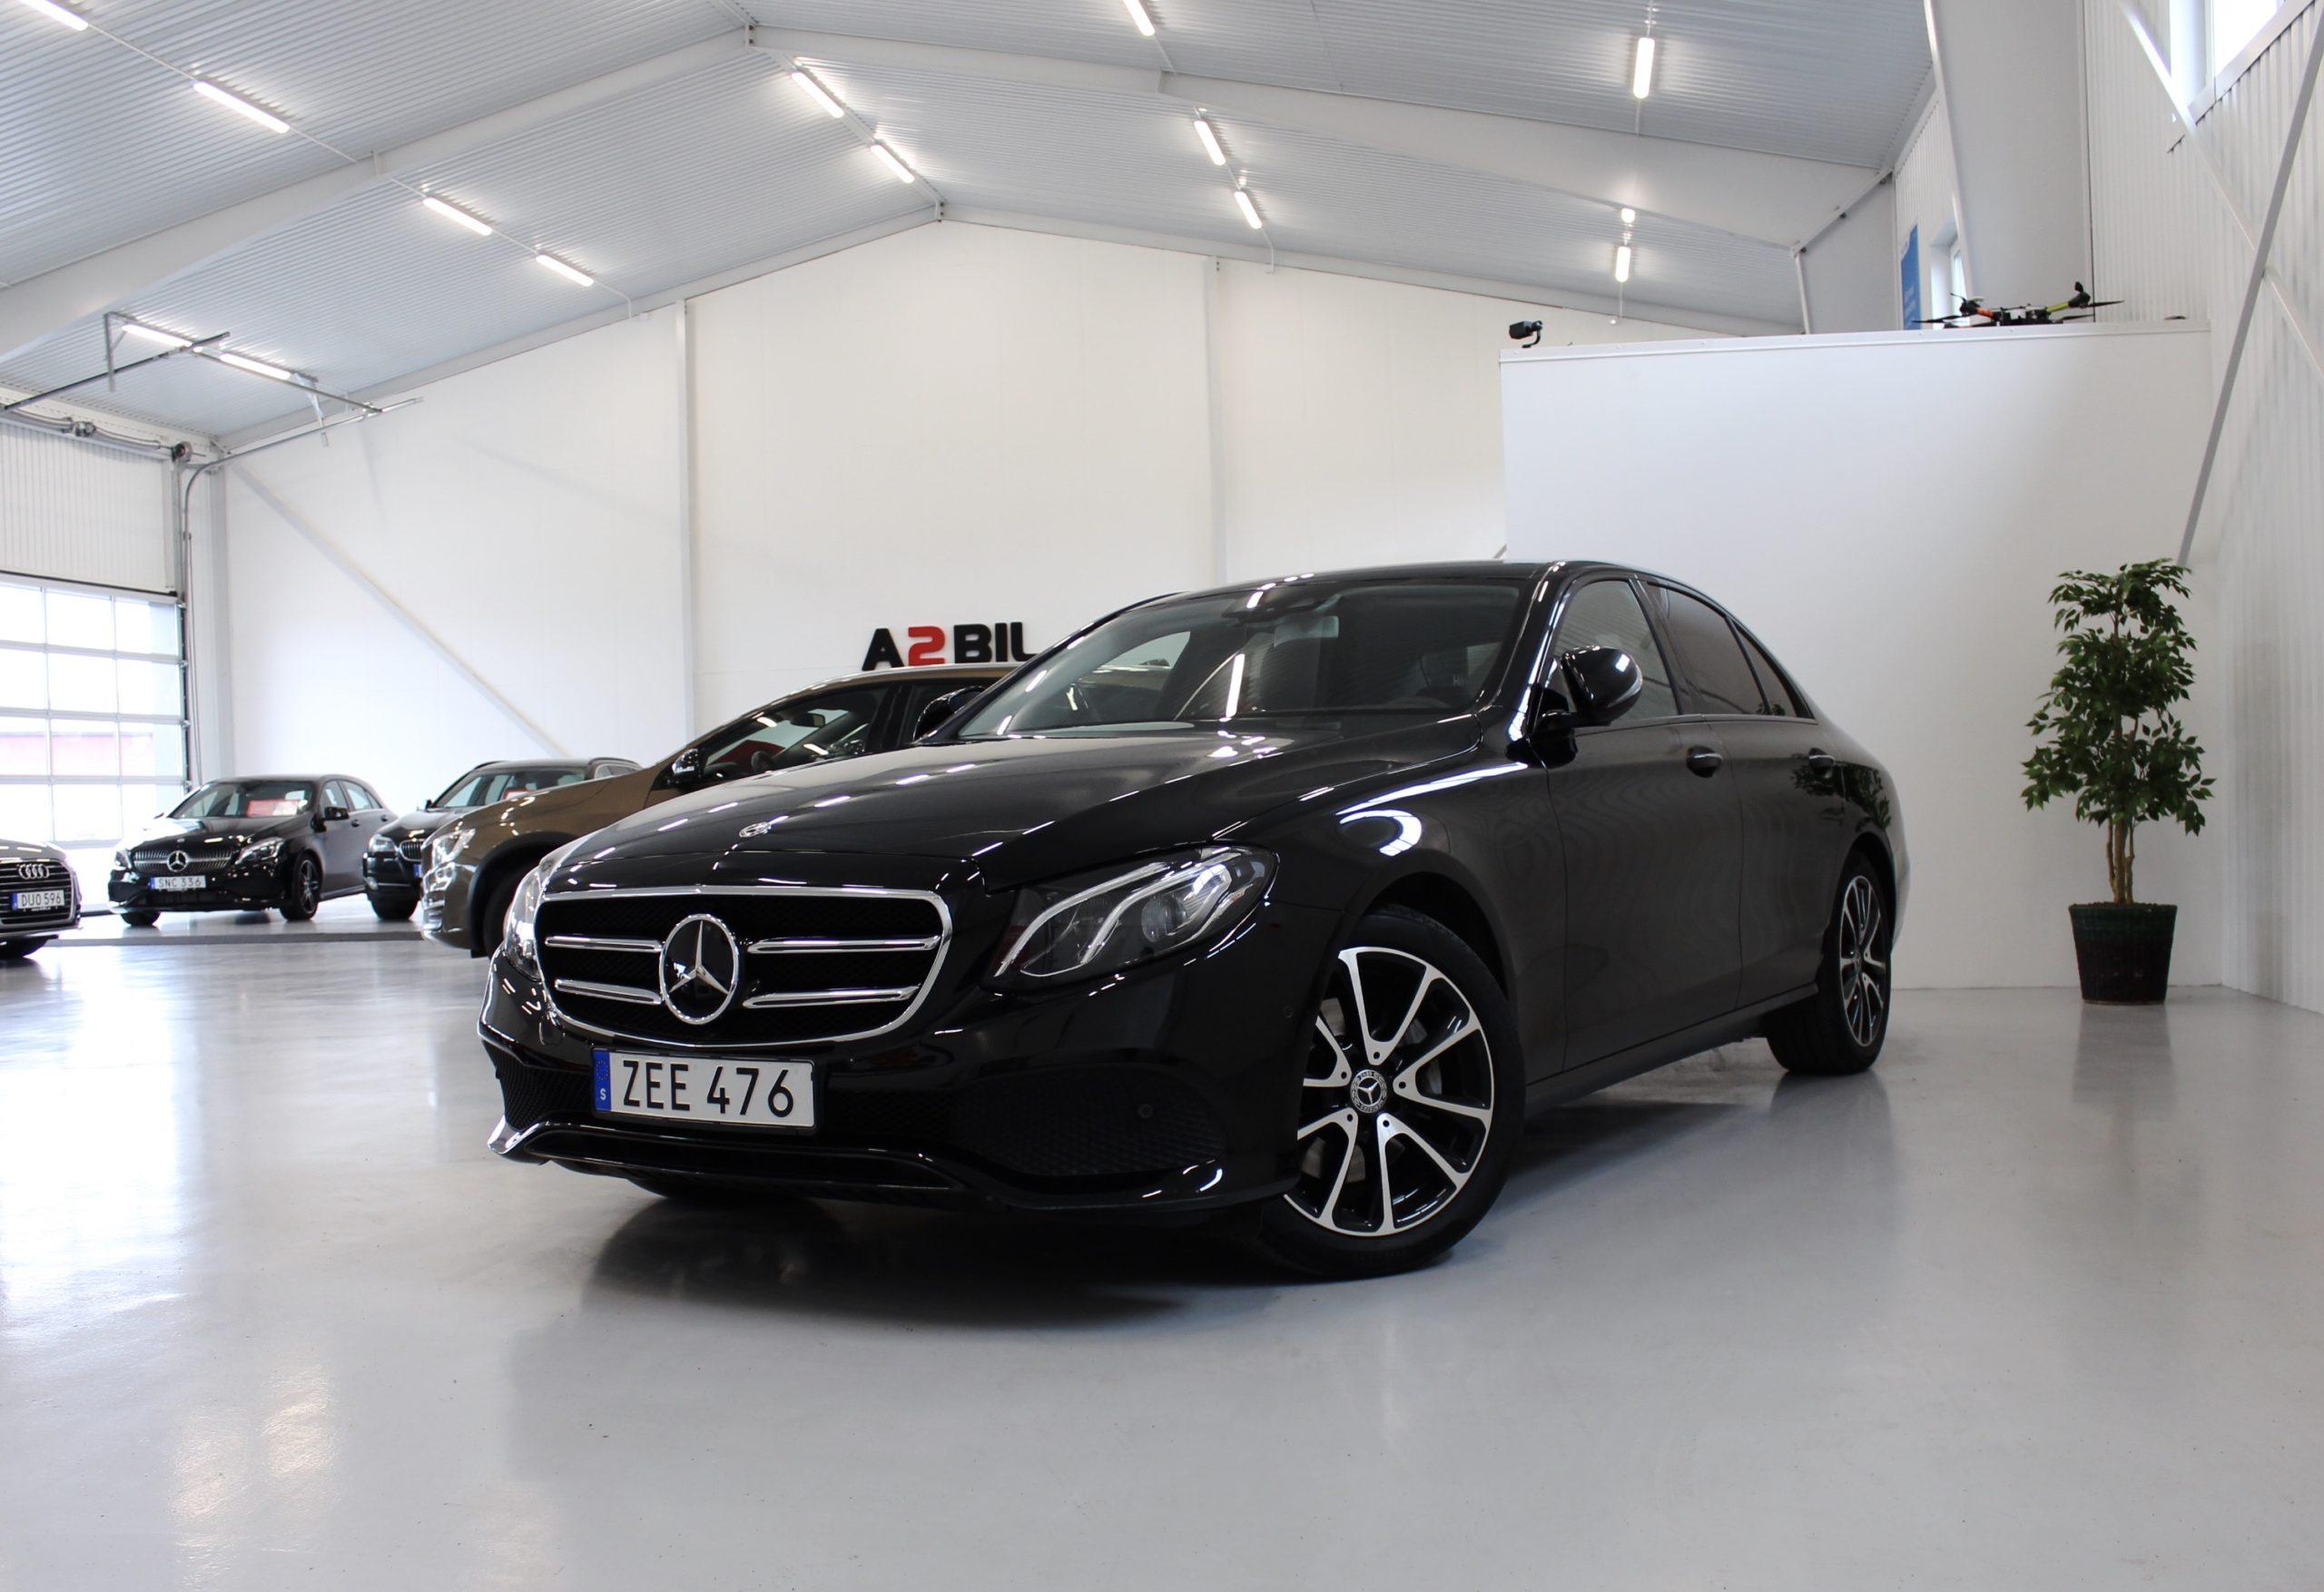 Mercedes-Benz E 220 d 4MATIC 9G-Tronic Eu6